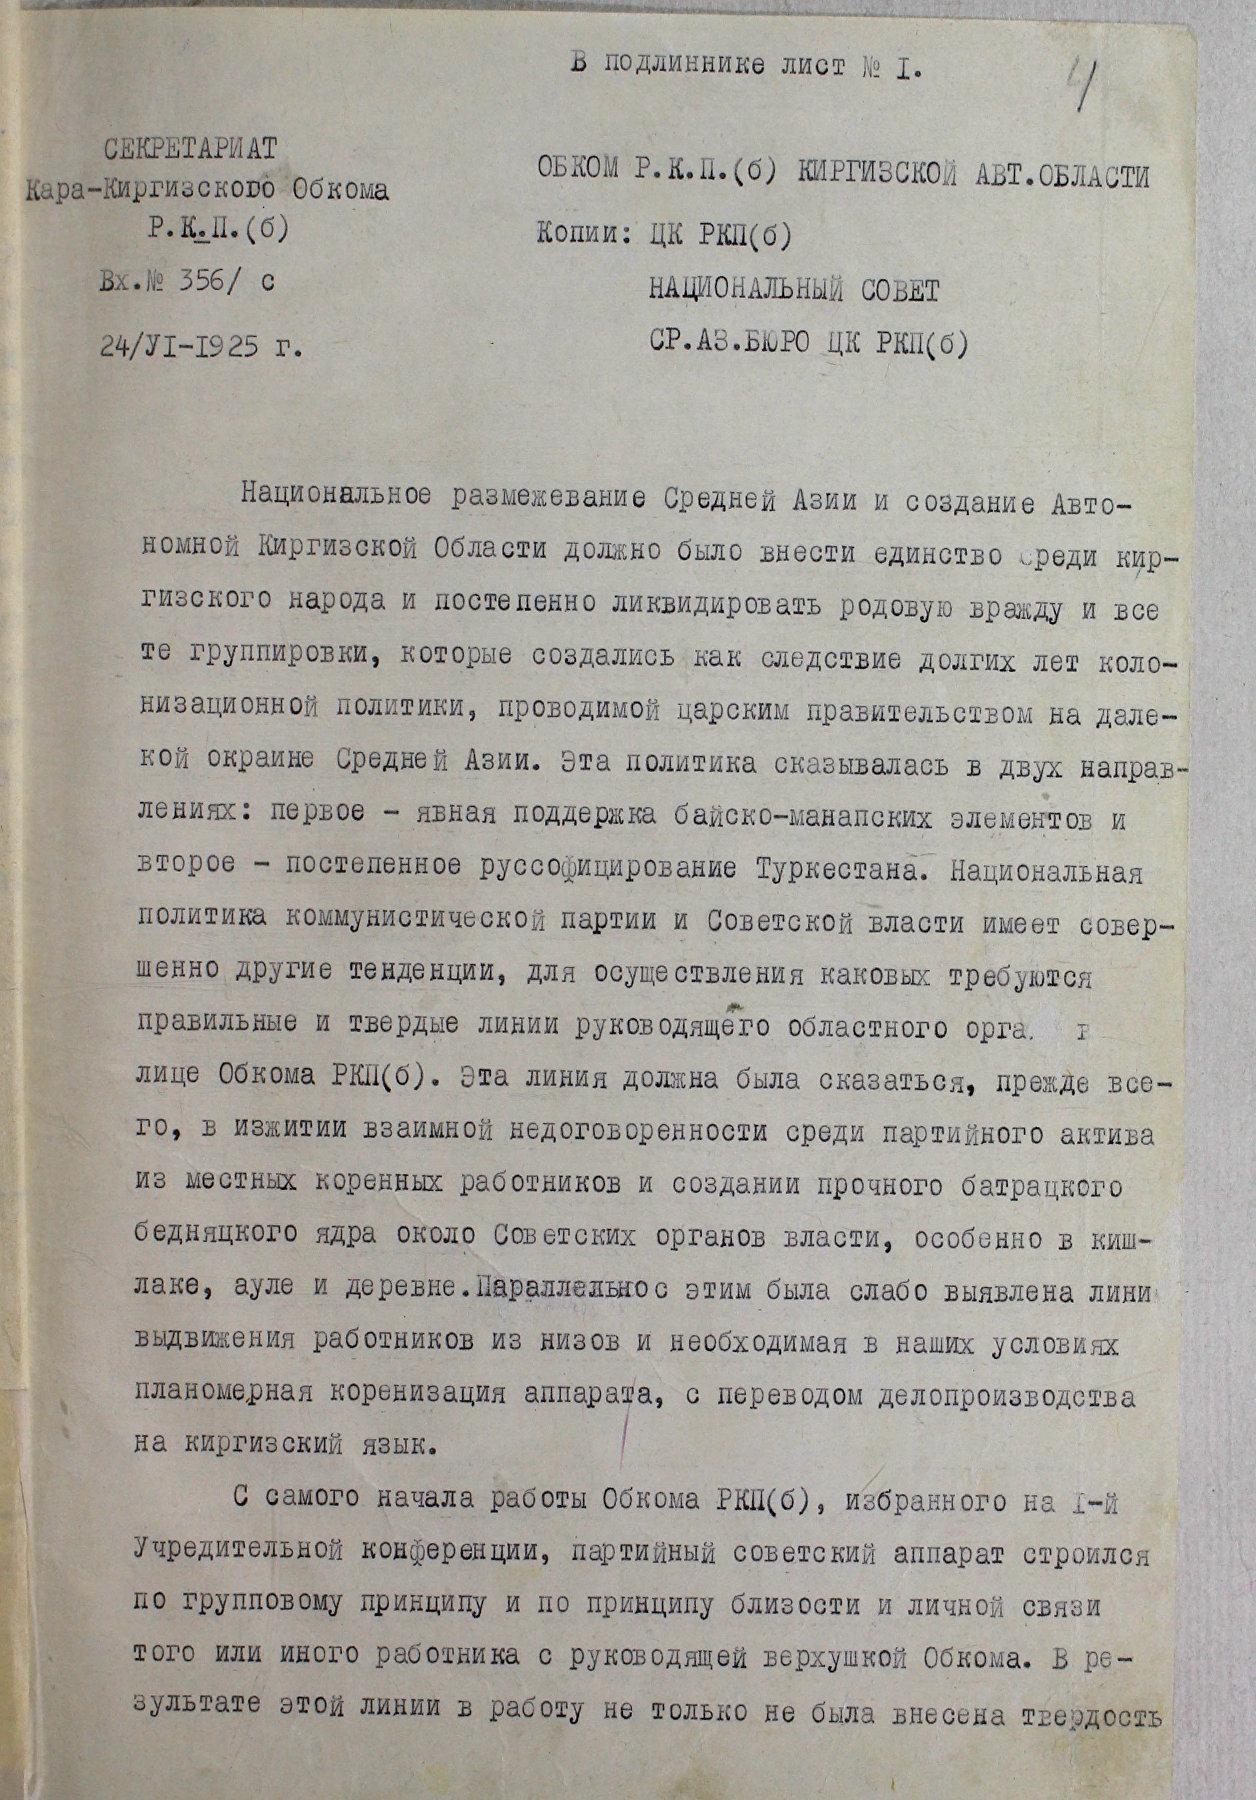 Содержание документа знаменитой тридцатки Кара-Киргизской АО в Москву